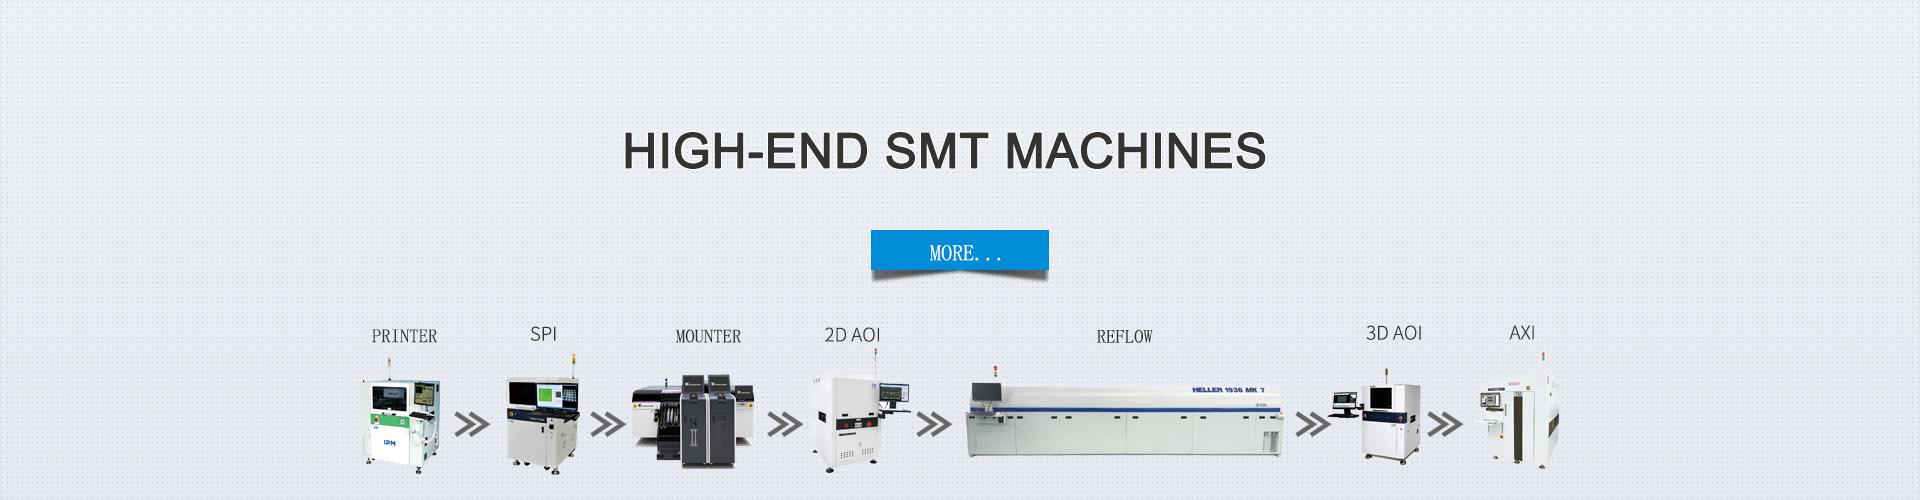 高端SMT贴片机